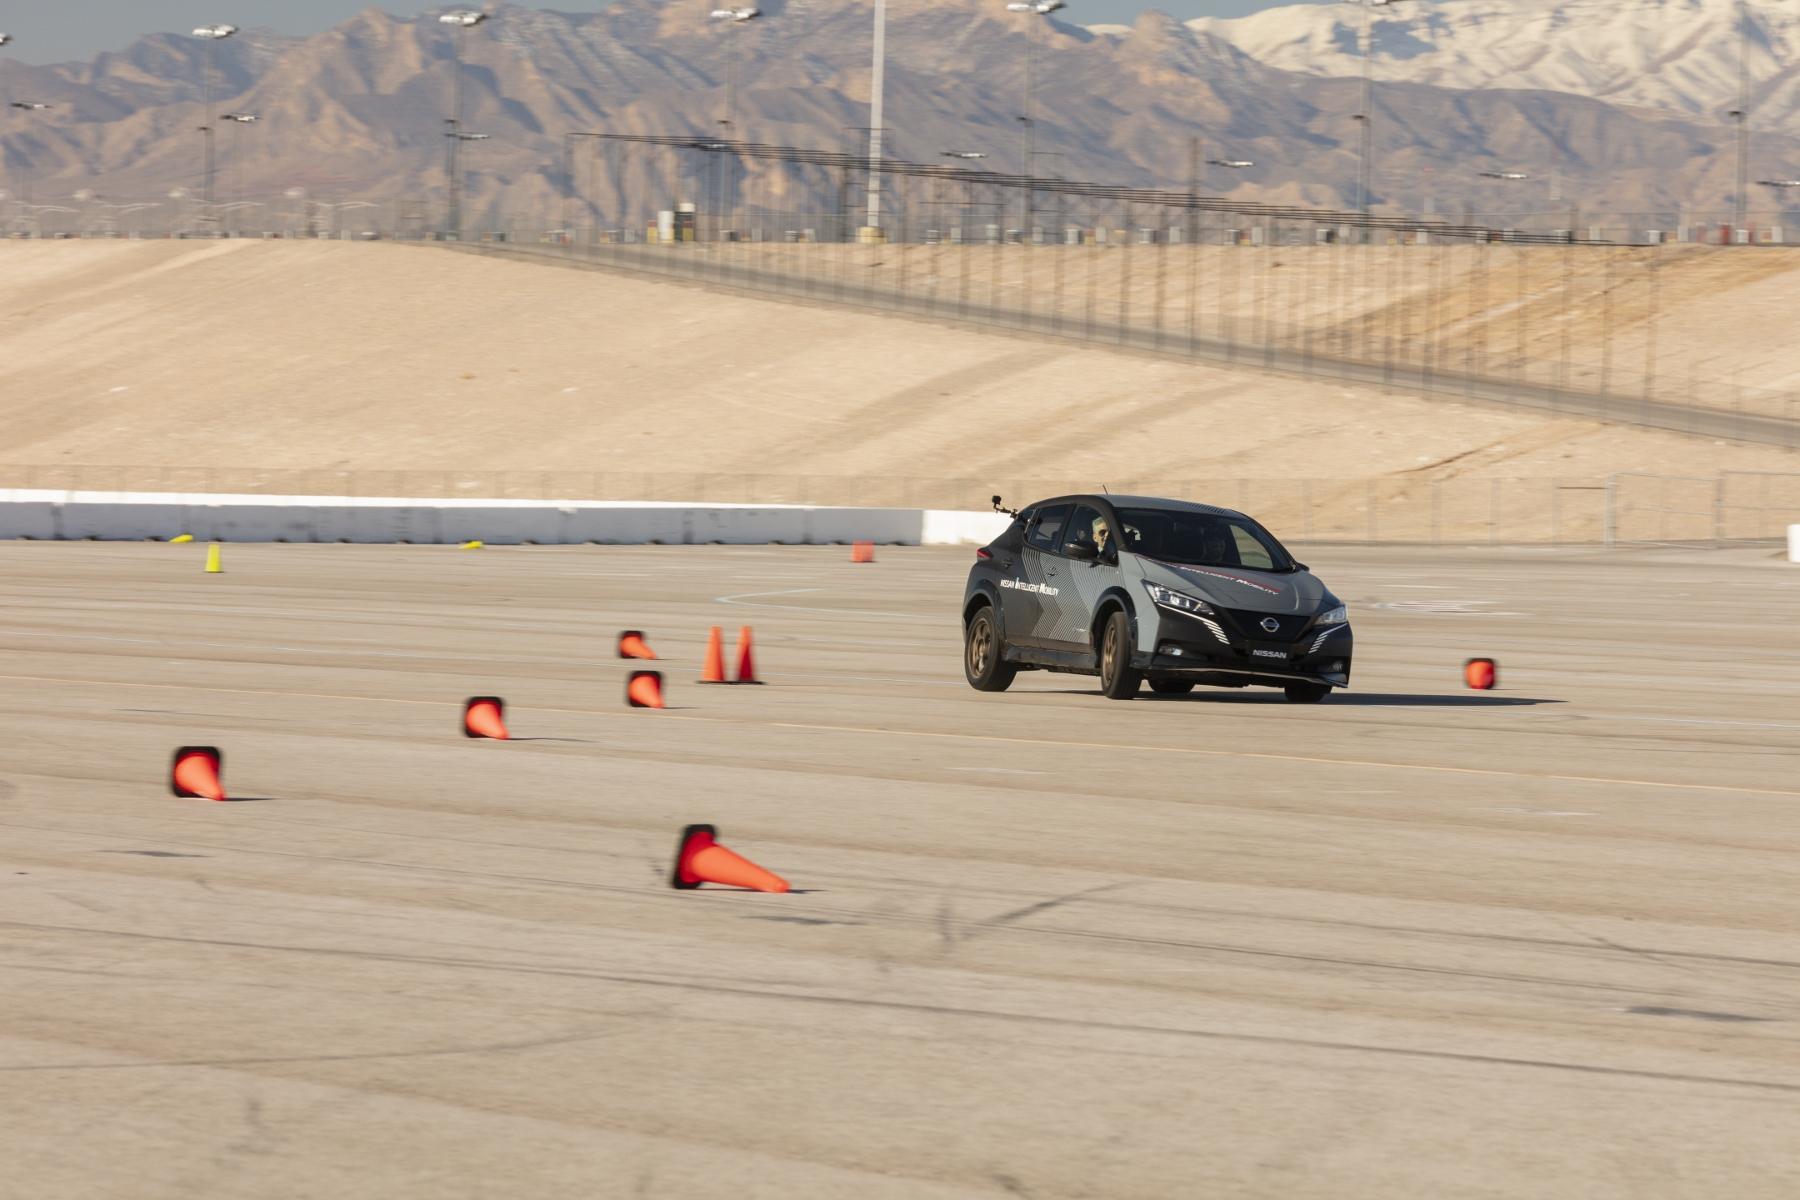 Nissan prichádza s revolučným elektrickým pohonom všetkých kolies Z3AMZqxoCZ nissan-leaf-prototyp-2